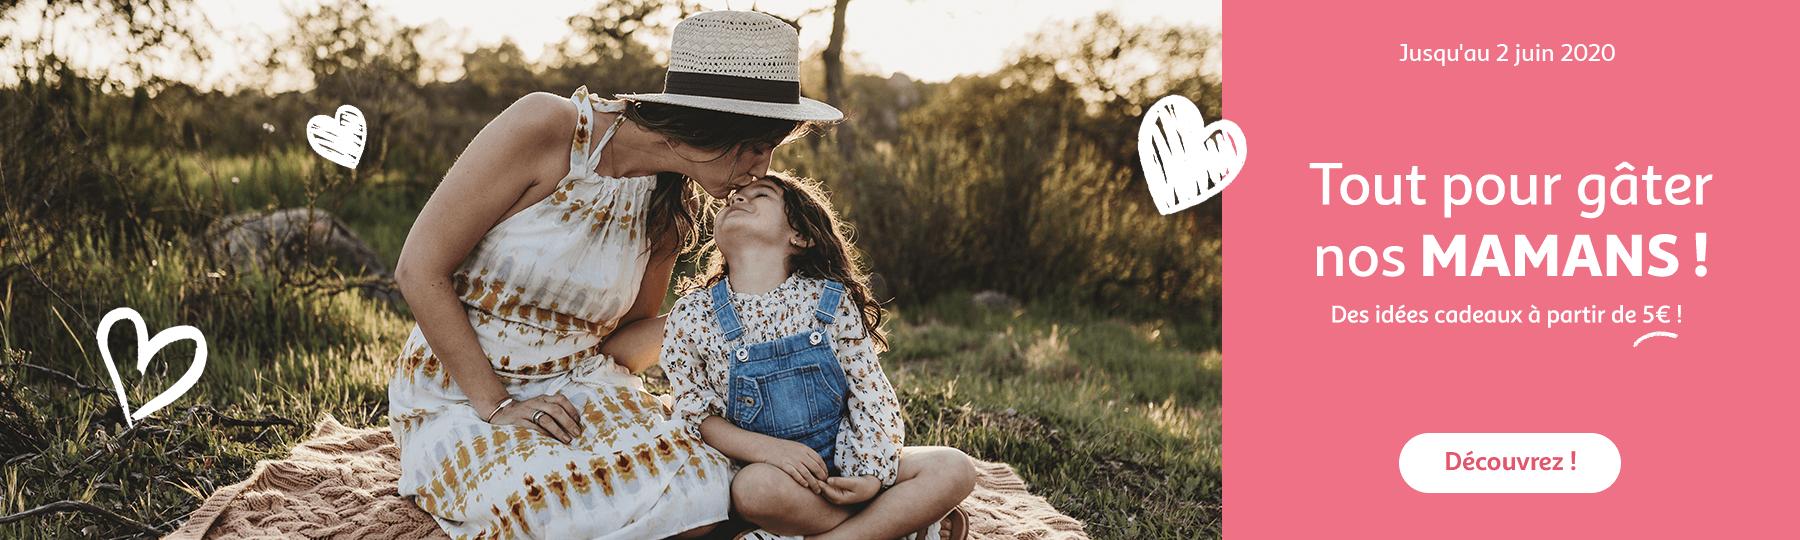 Tout pour gâter nos mamans ! Des idées cadeaux à partir de 5€, jusqu'au 02 juin 2020